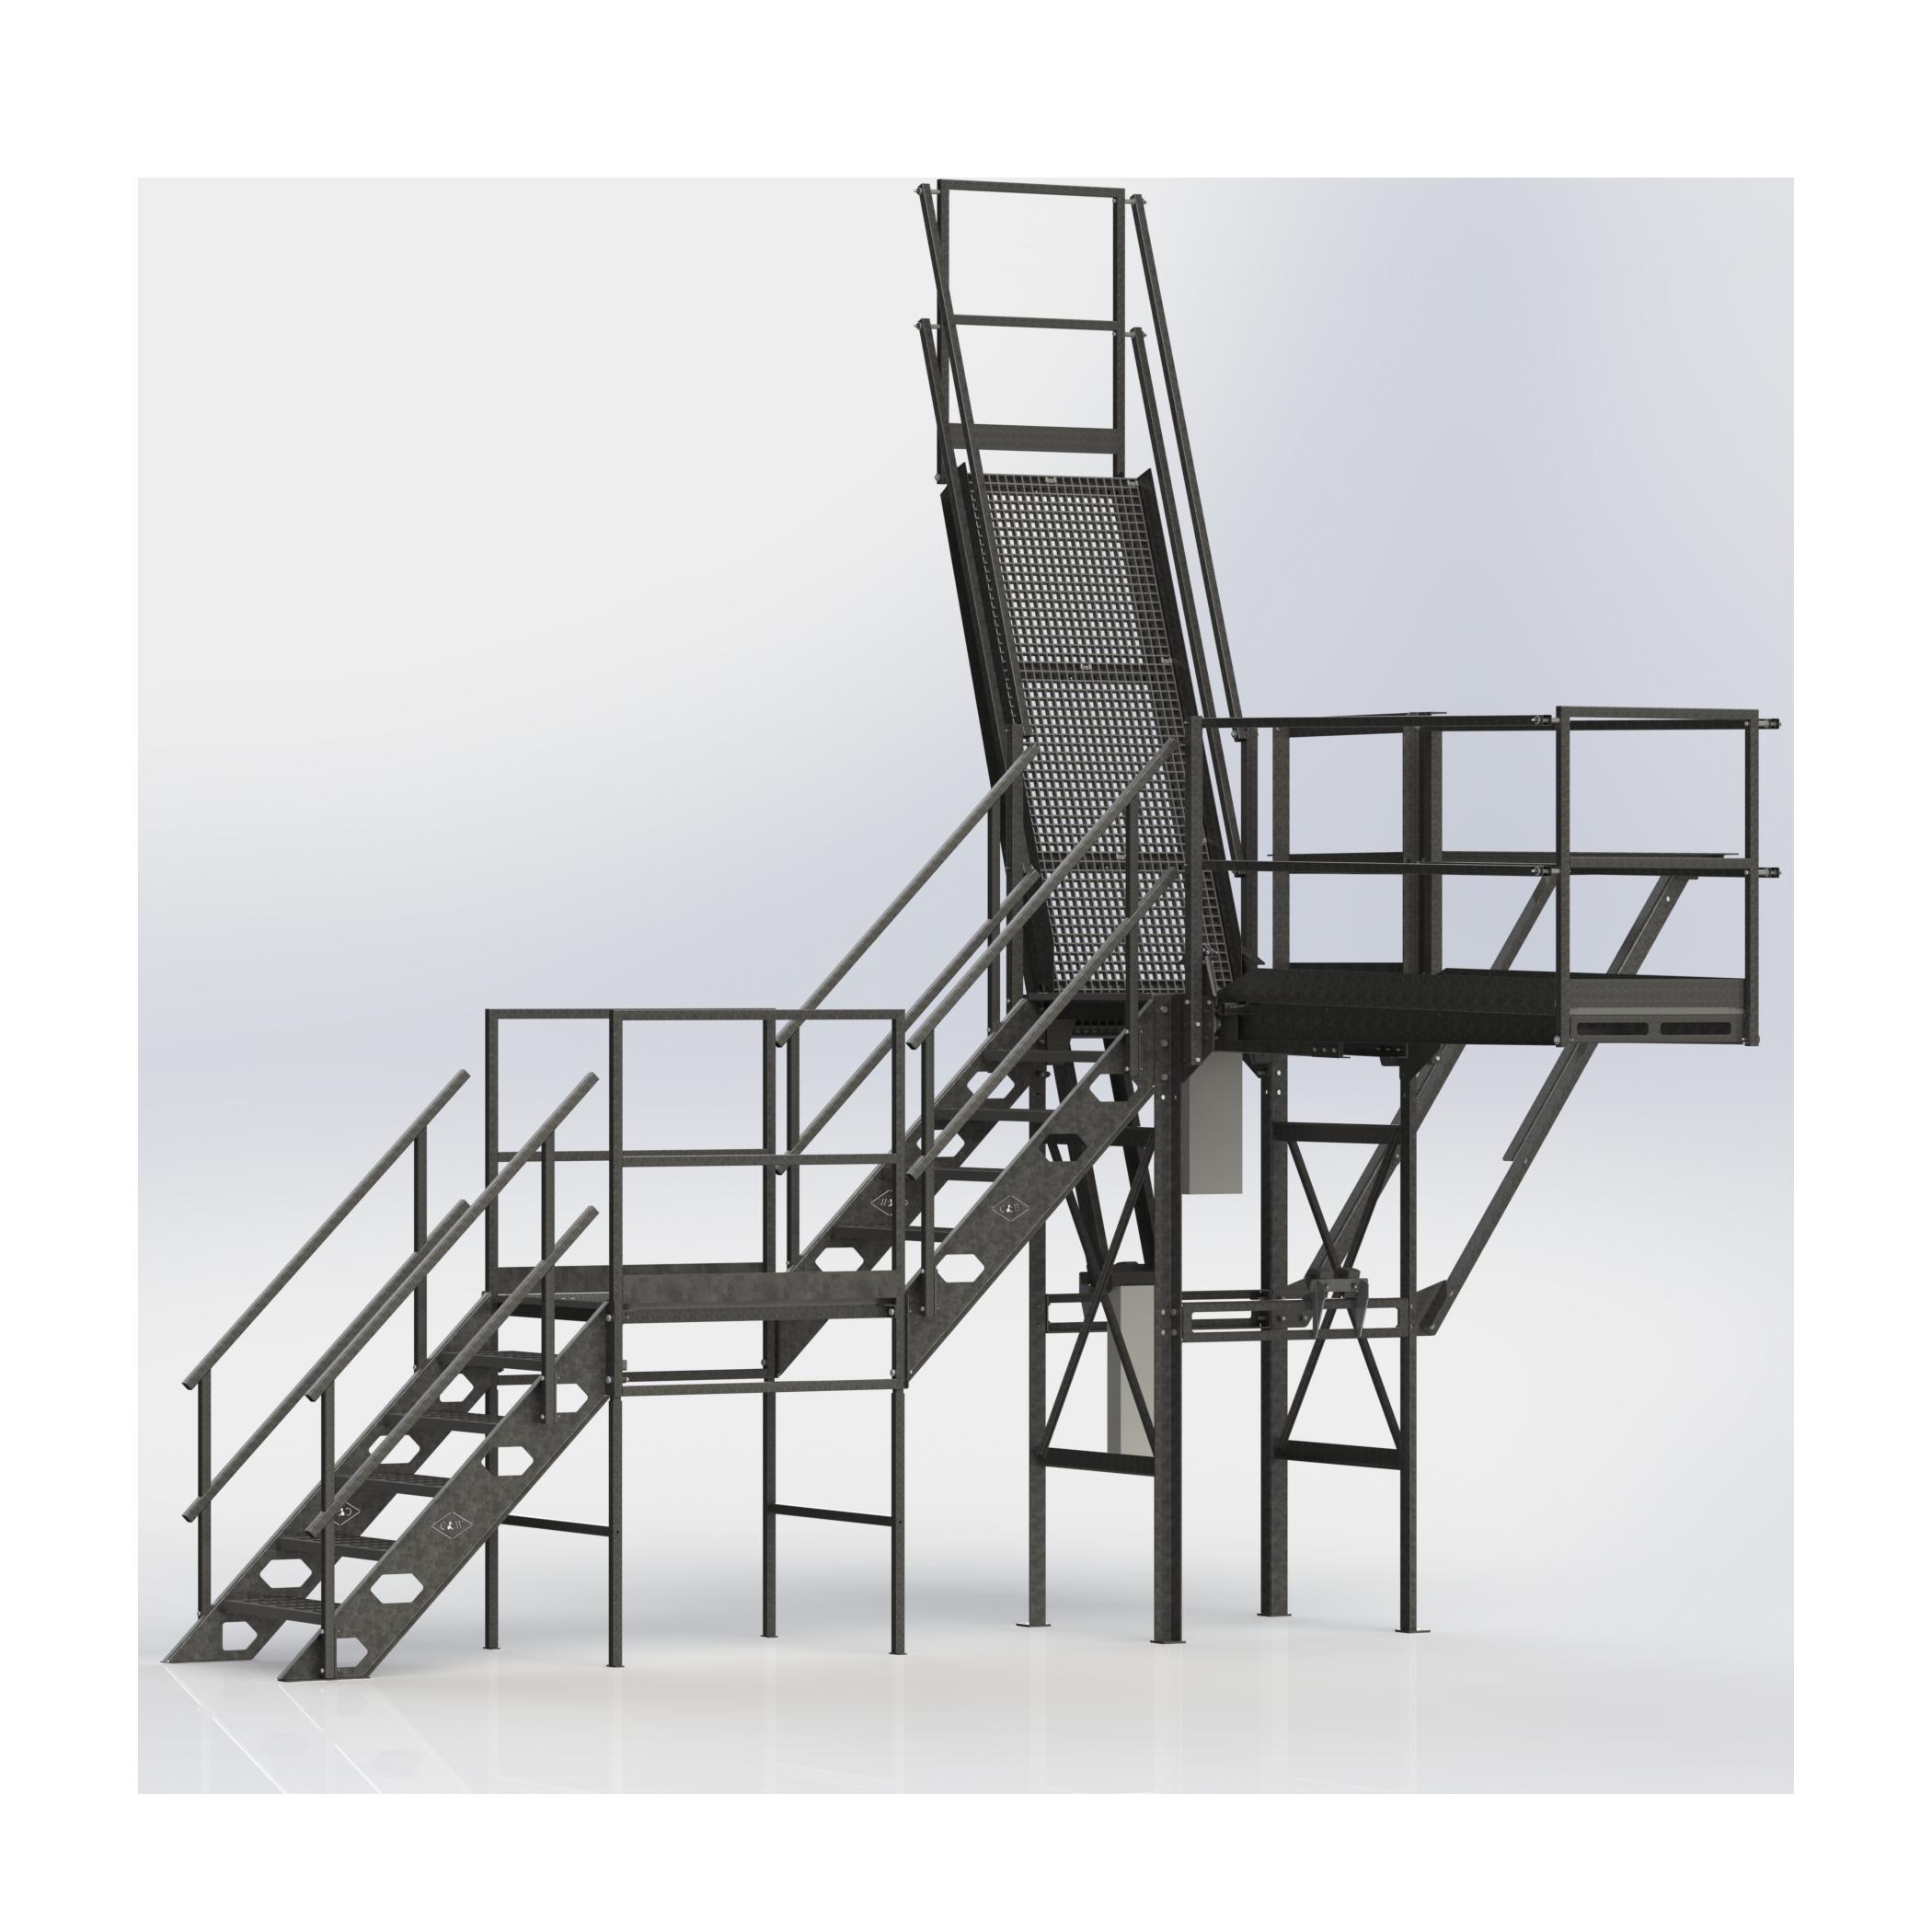 Slump Inspection Platform